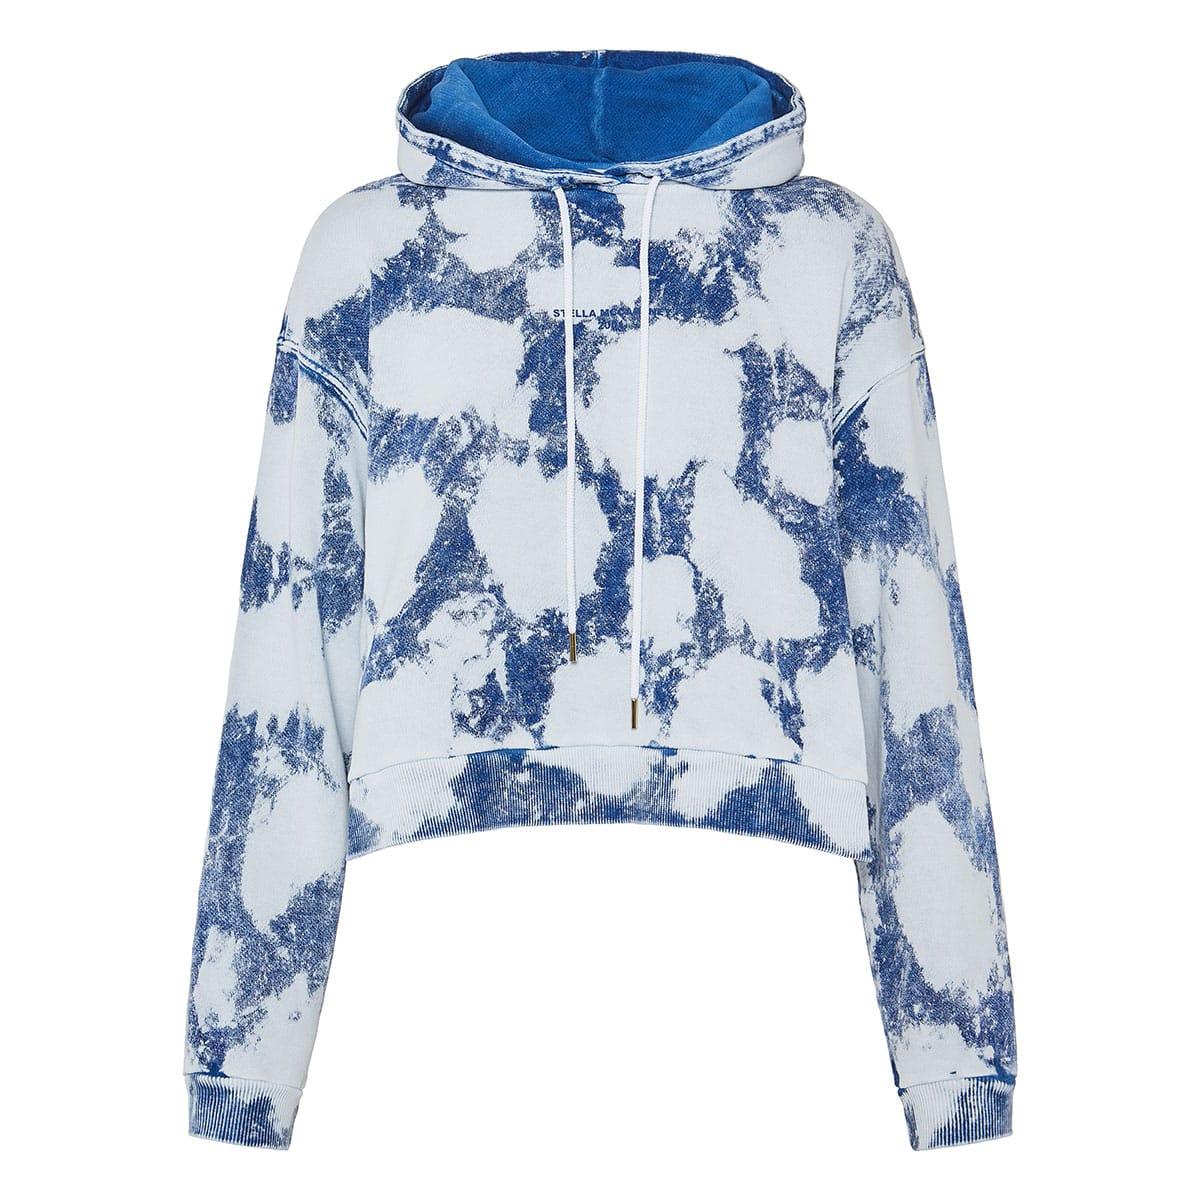 Tie-dye logo cropped hoodie